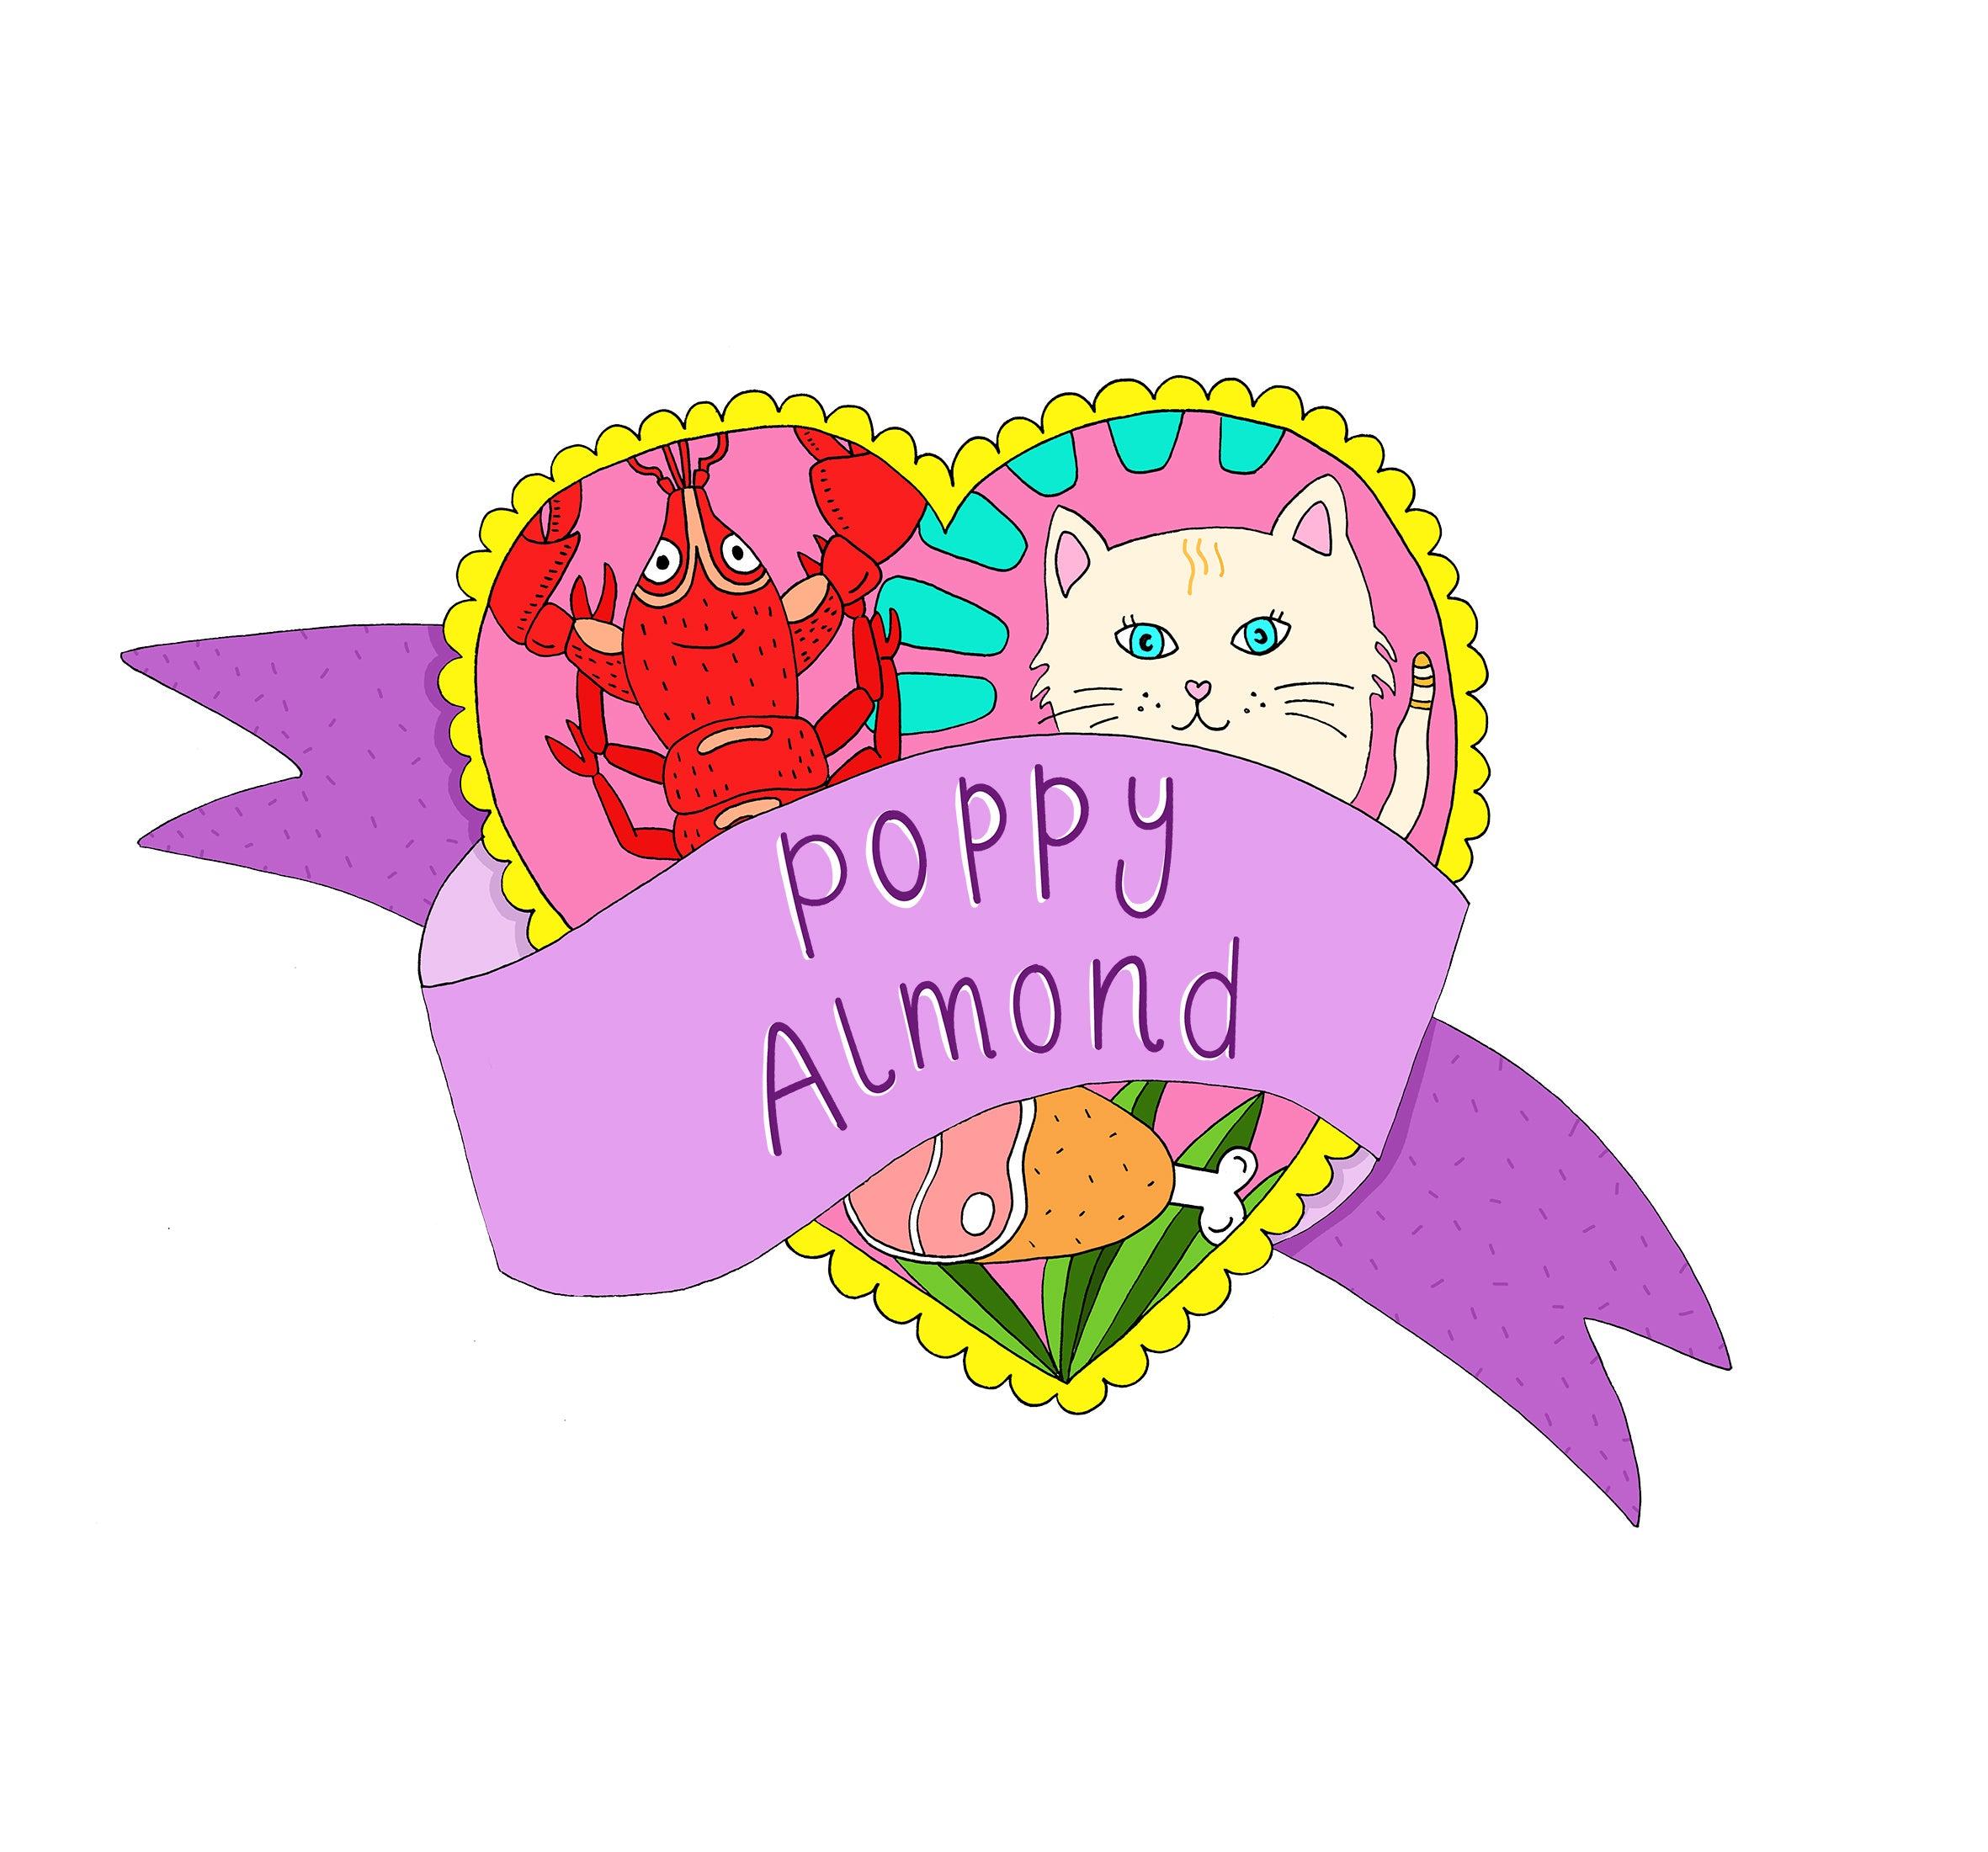 PoppyAlmond